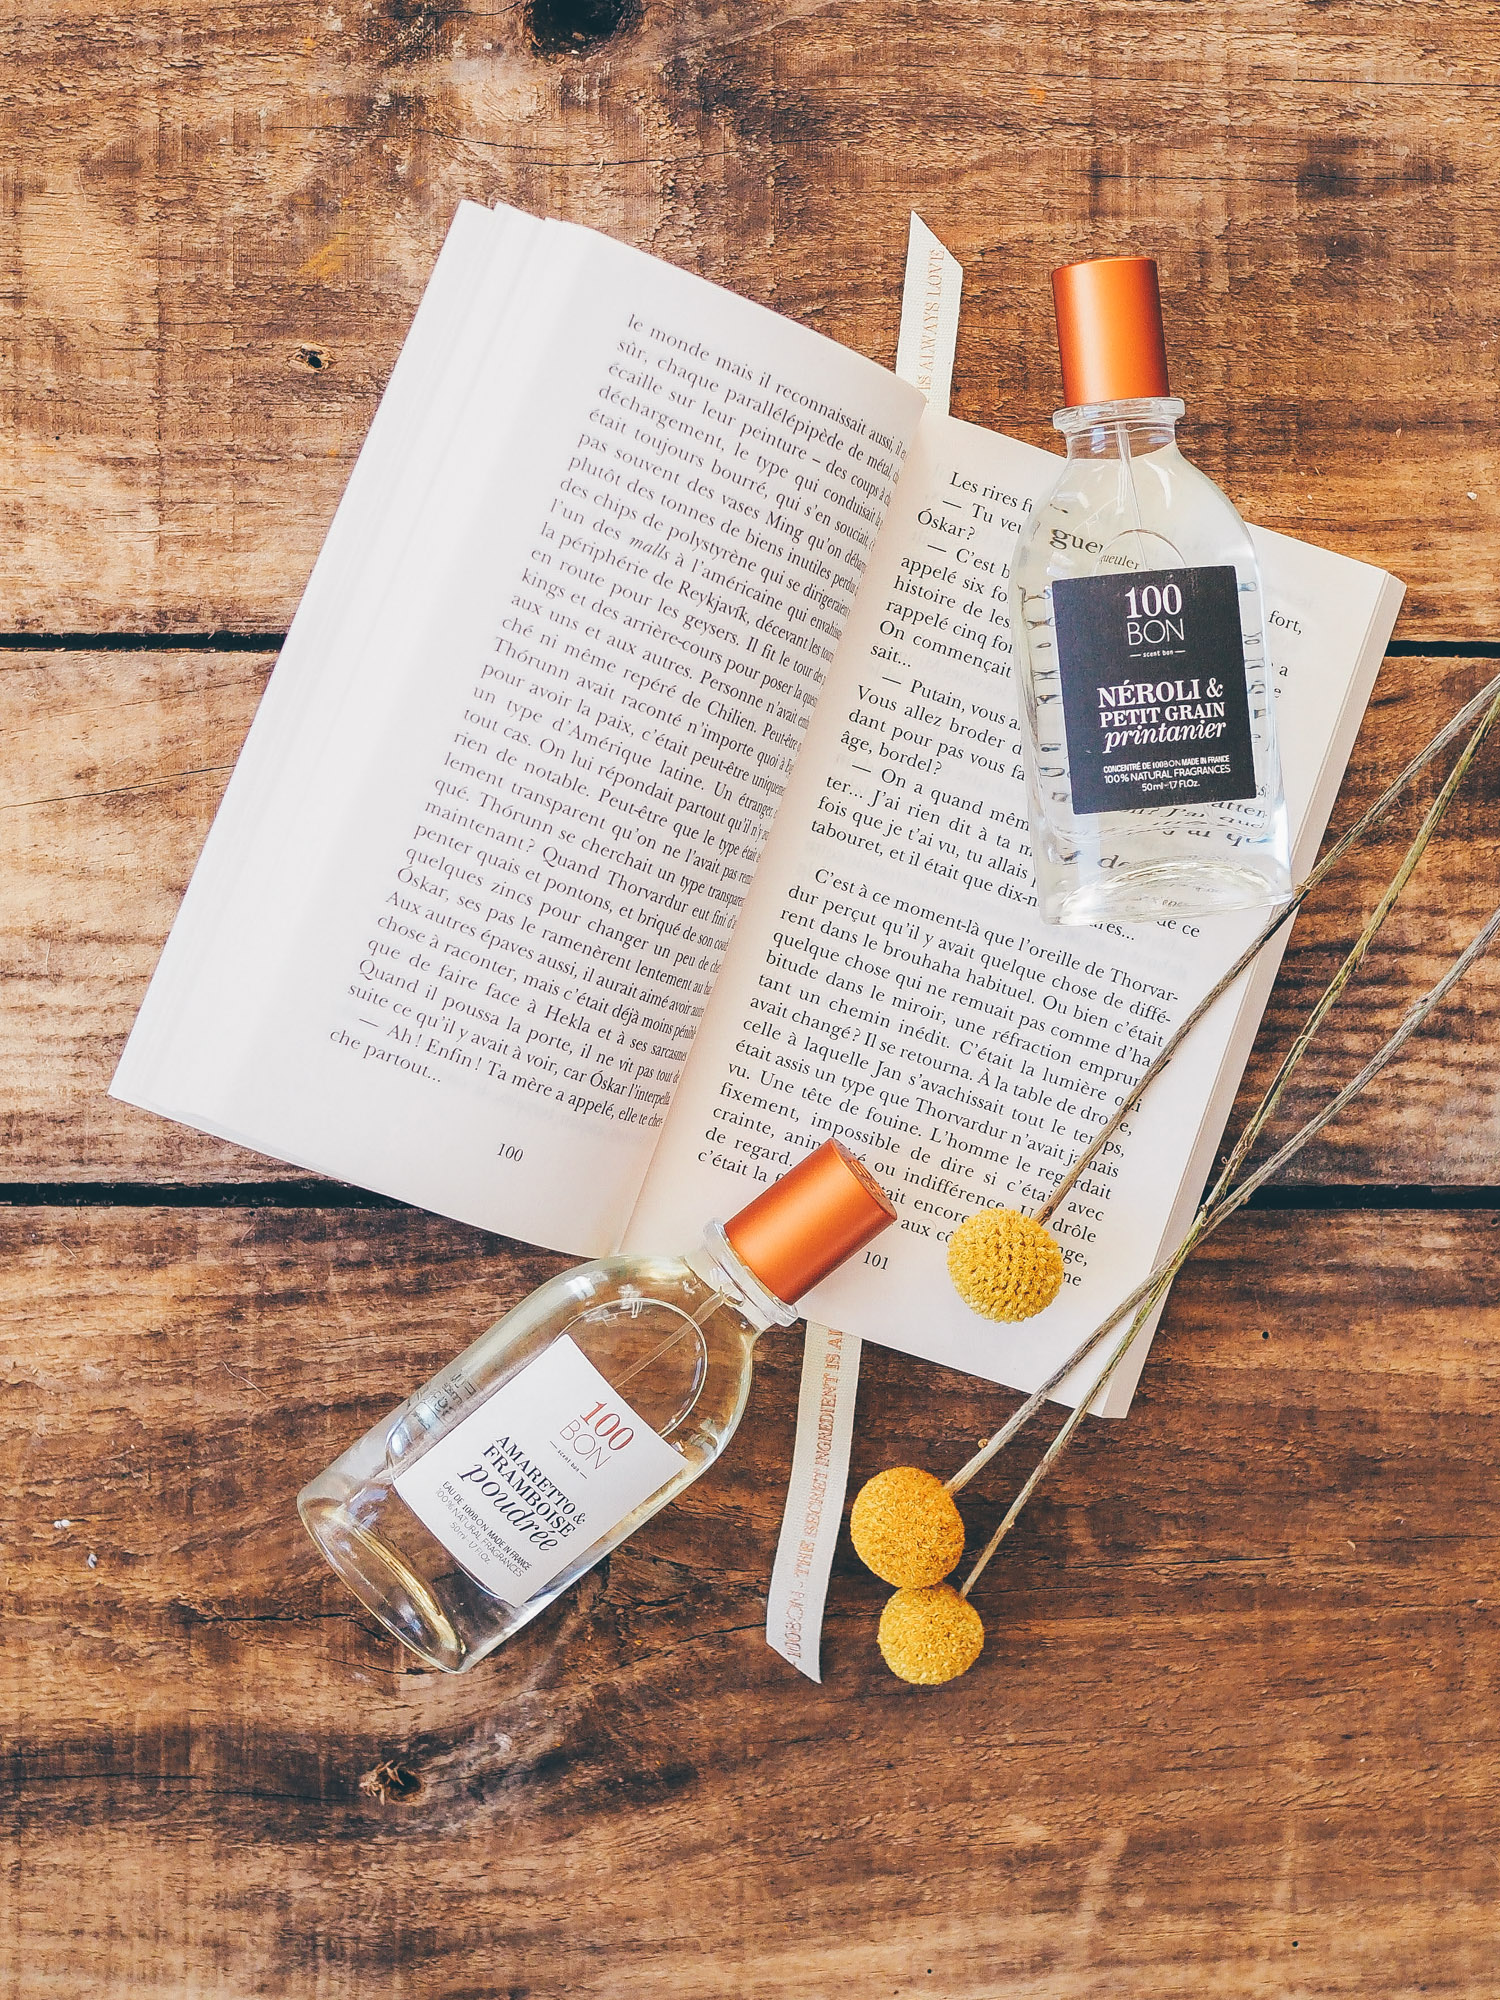 Leaf • Soins naturels & sensoriels - Parfums 100BON